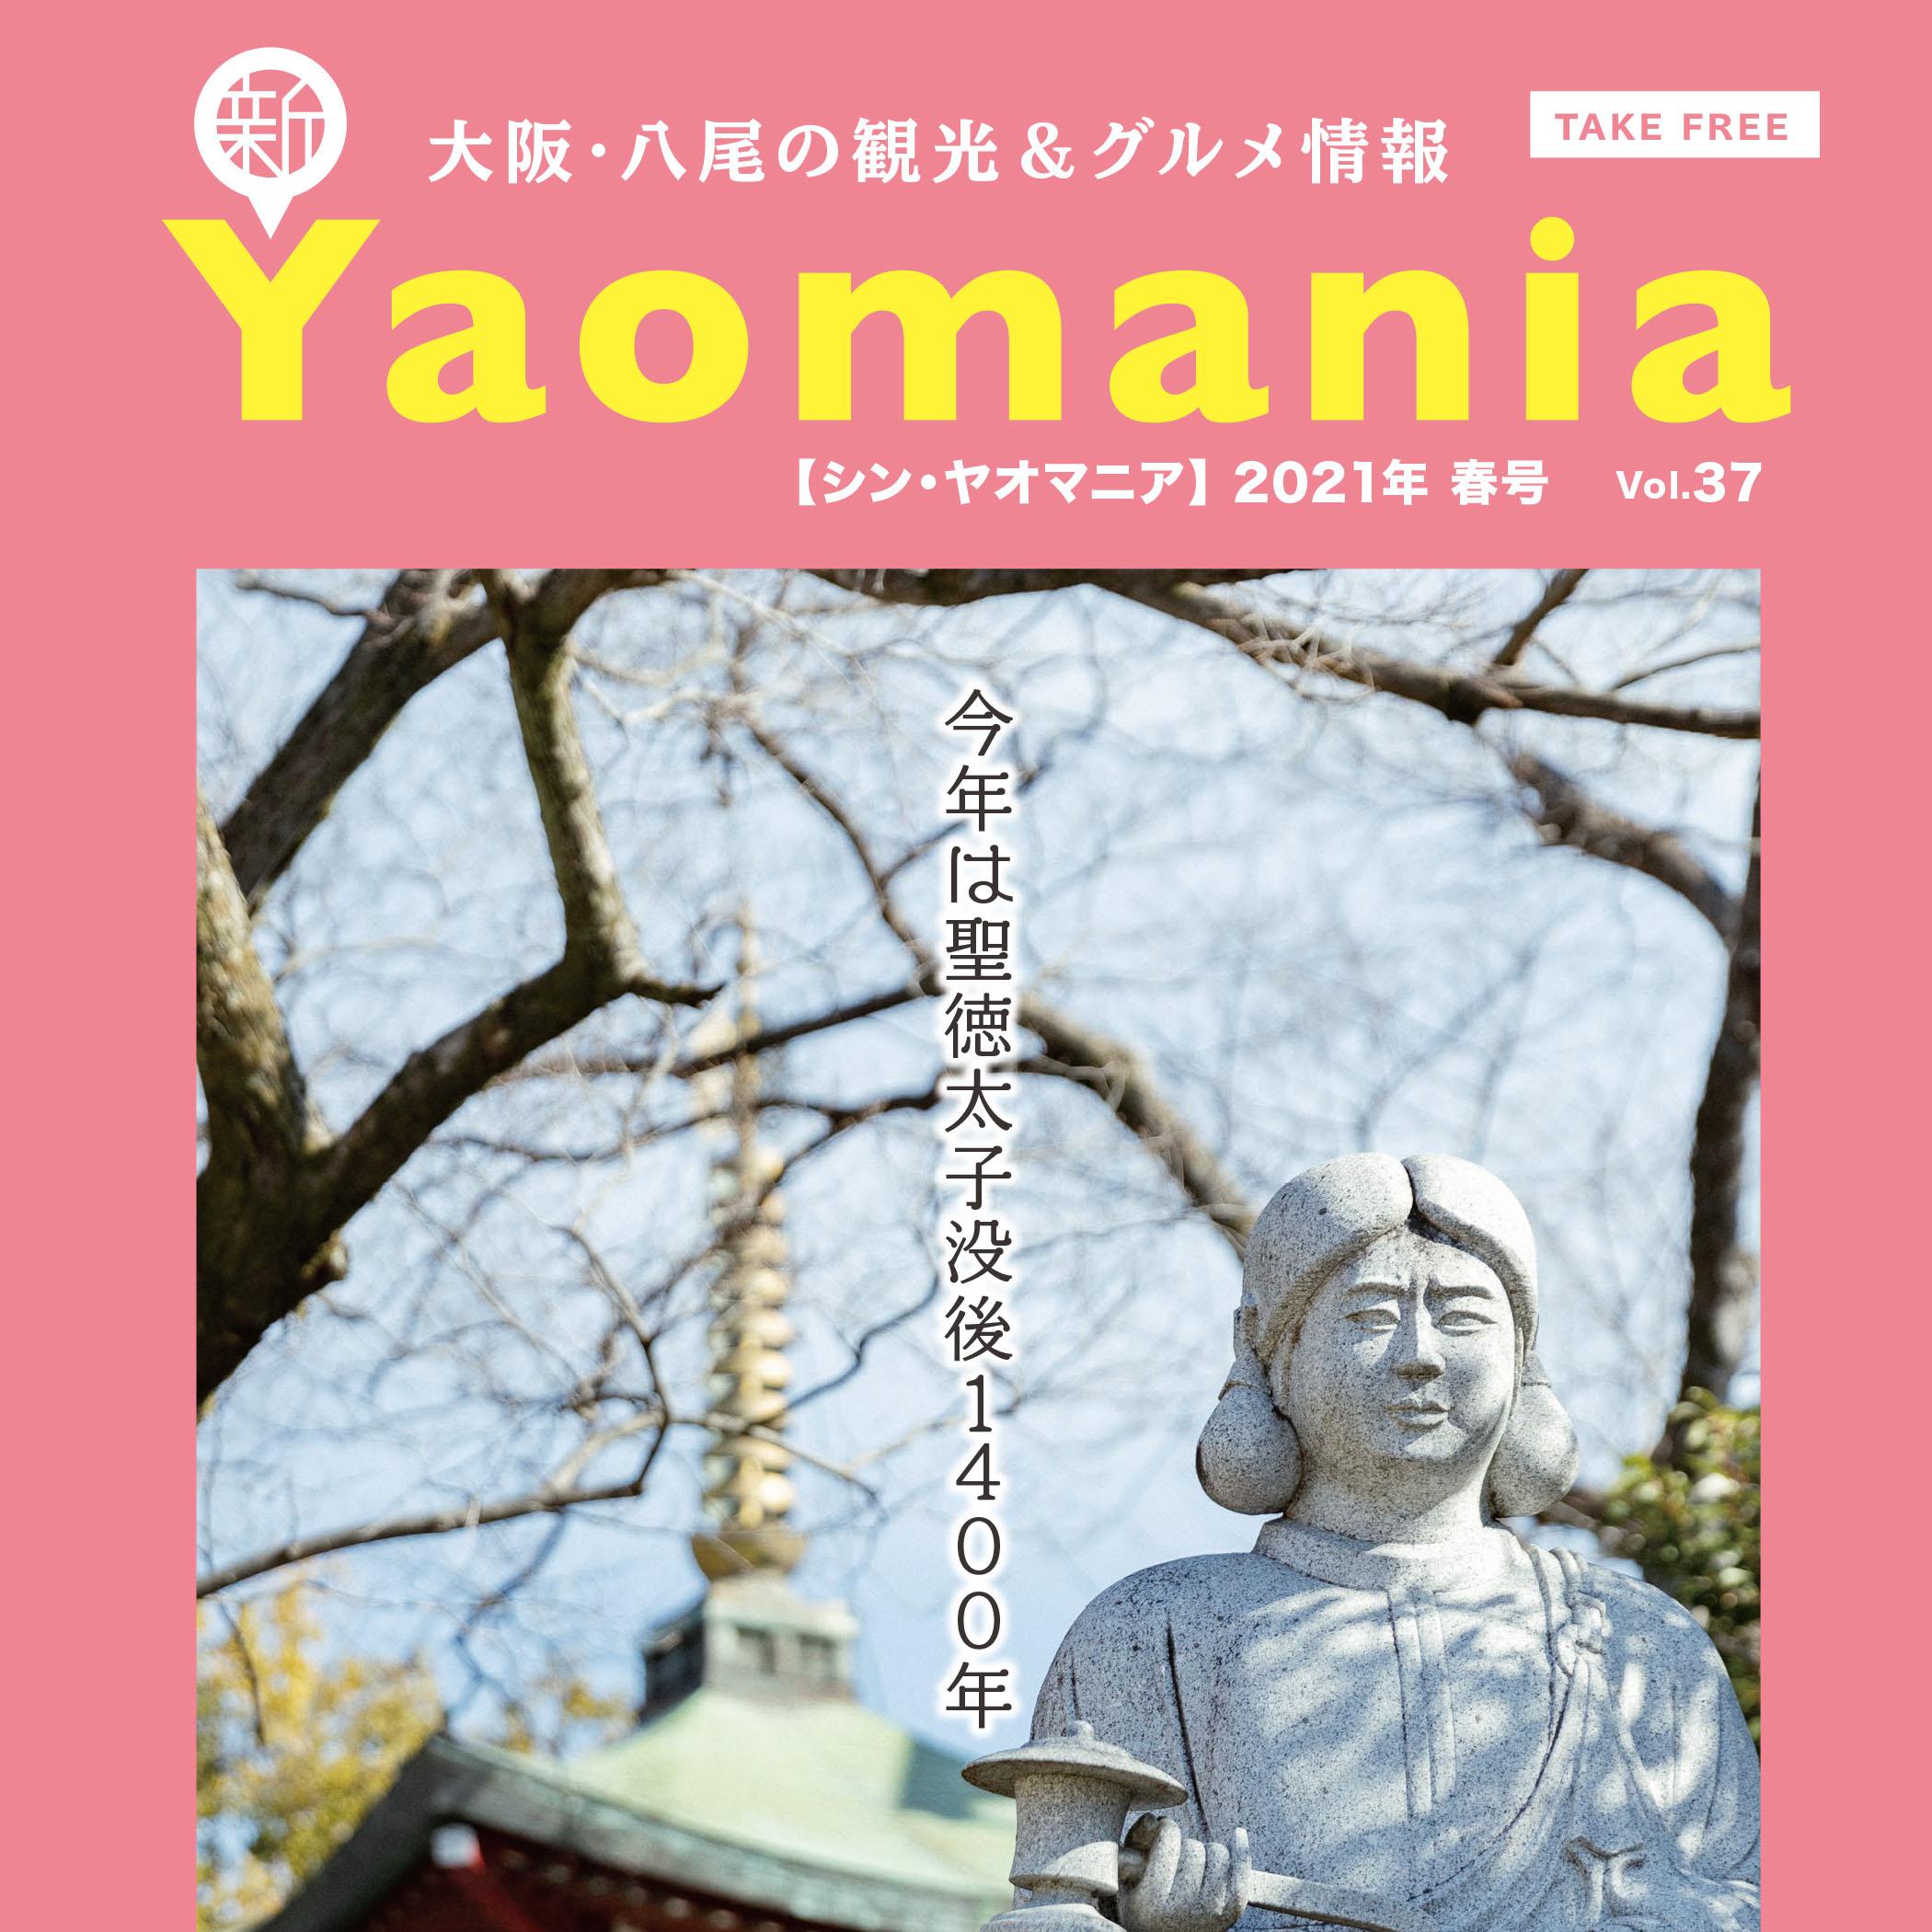 新Yaomania(シン・ヤオマニア)春号|2021.3.31 聖徳太子特集(大阪府八尾市)